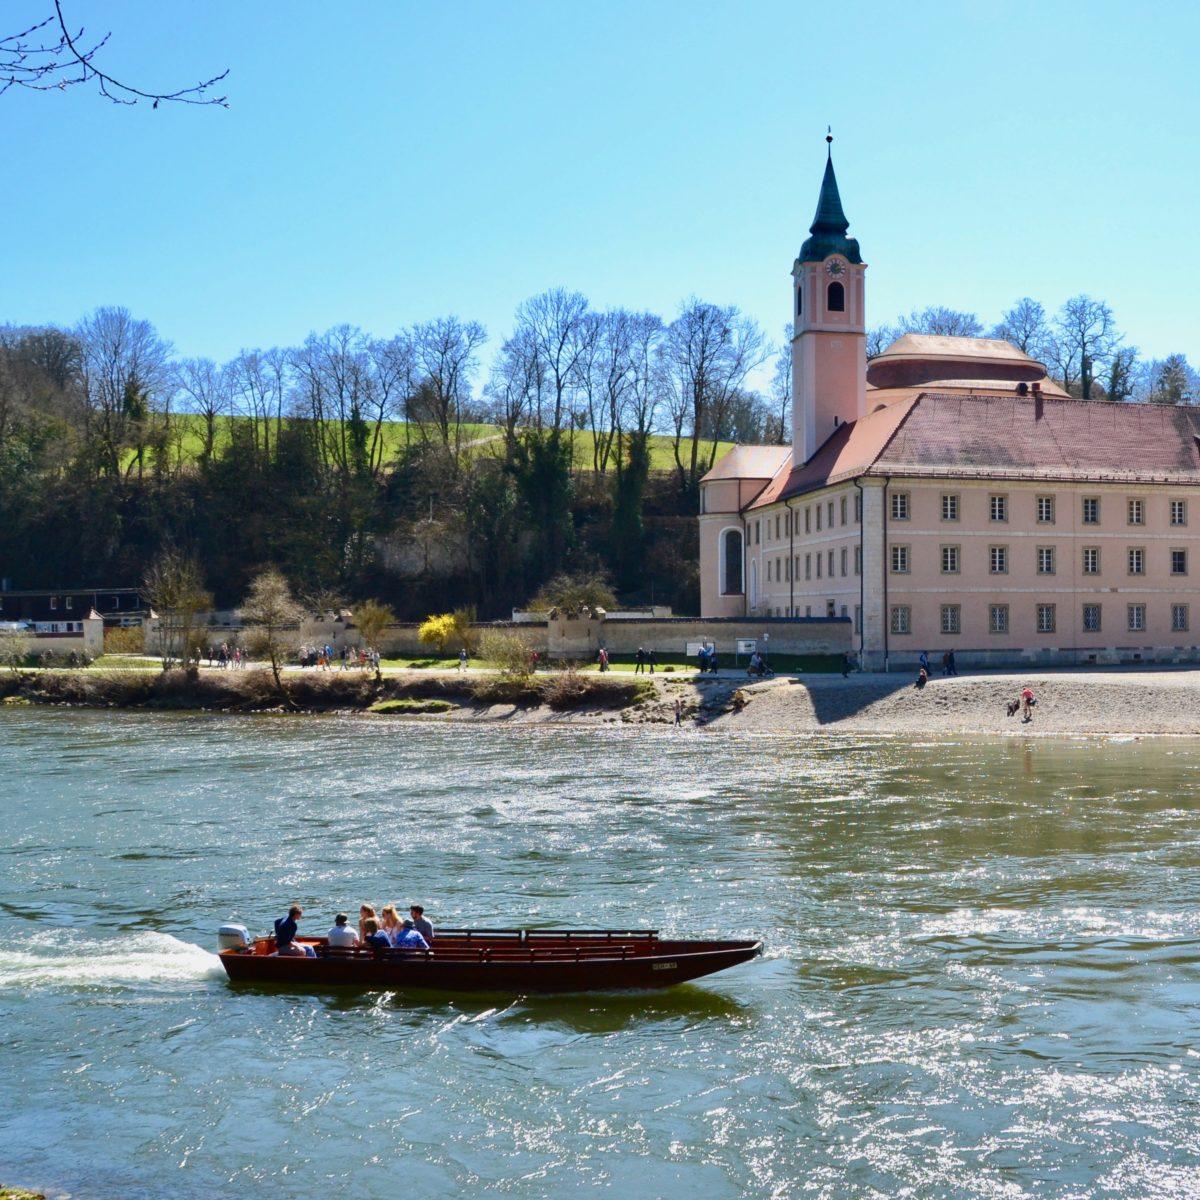 Kloster Weltenburg - im Vordergrund die kleine Personenfähre